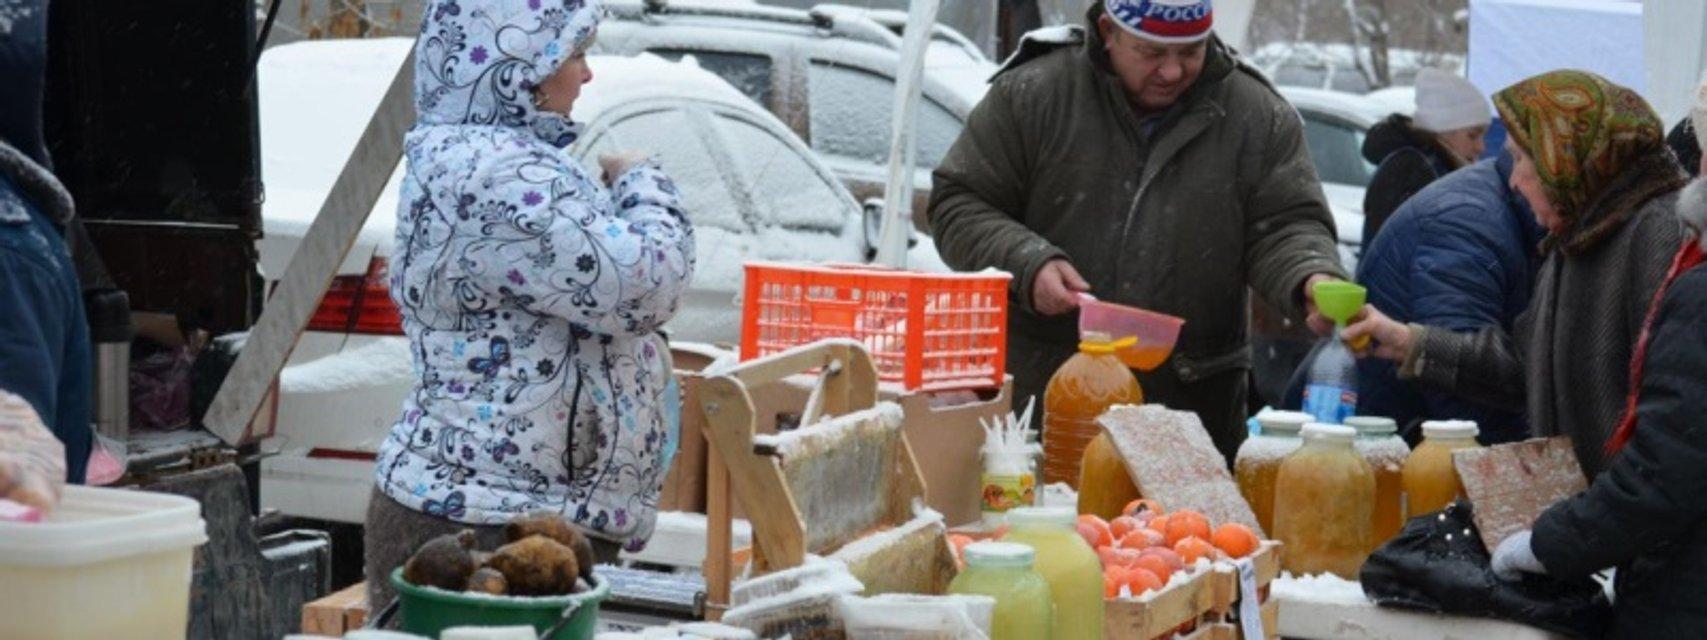 Киев: расписание ярмарок в декабре 2018 - фото 162967